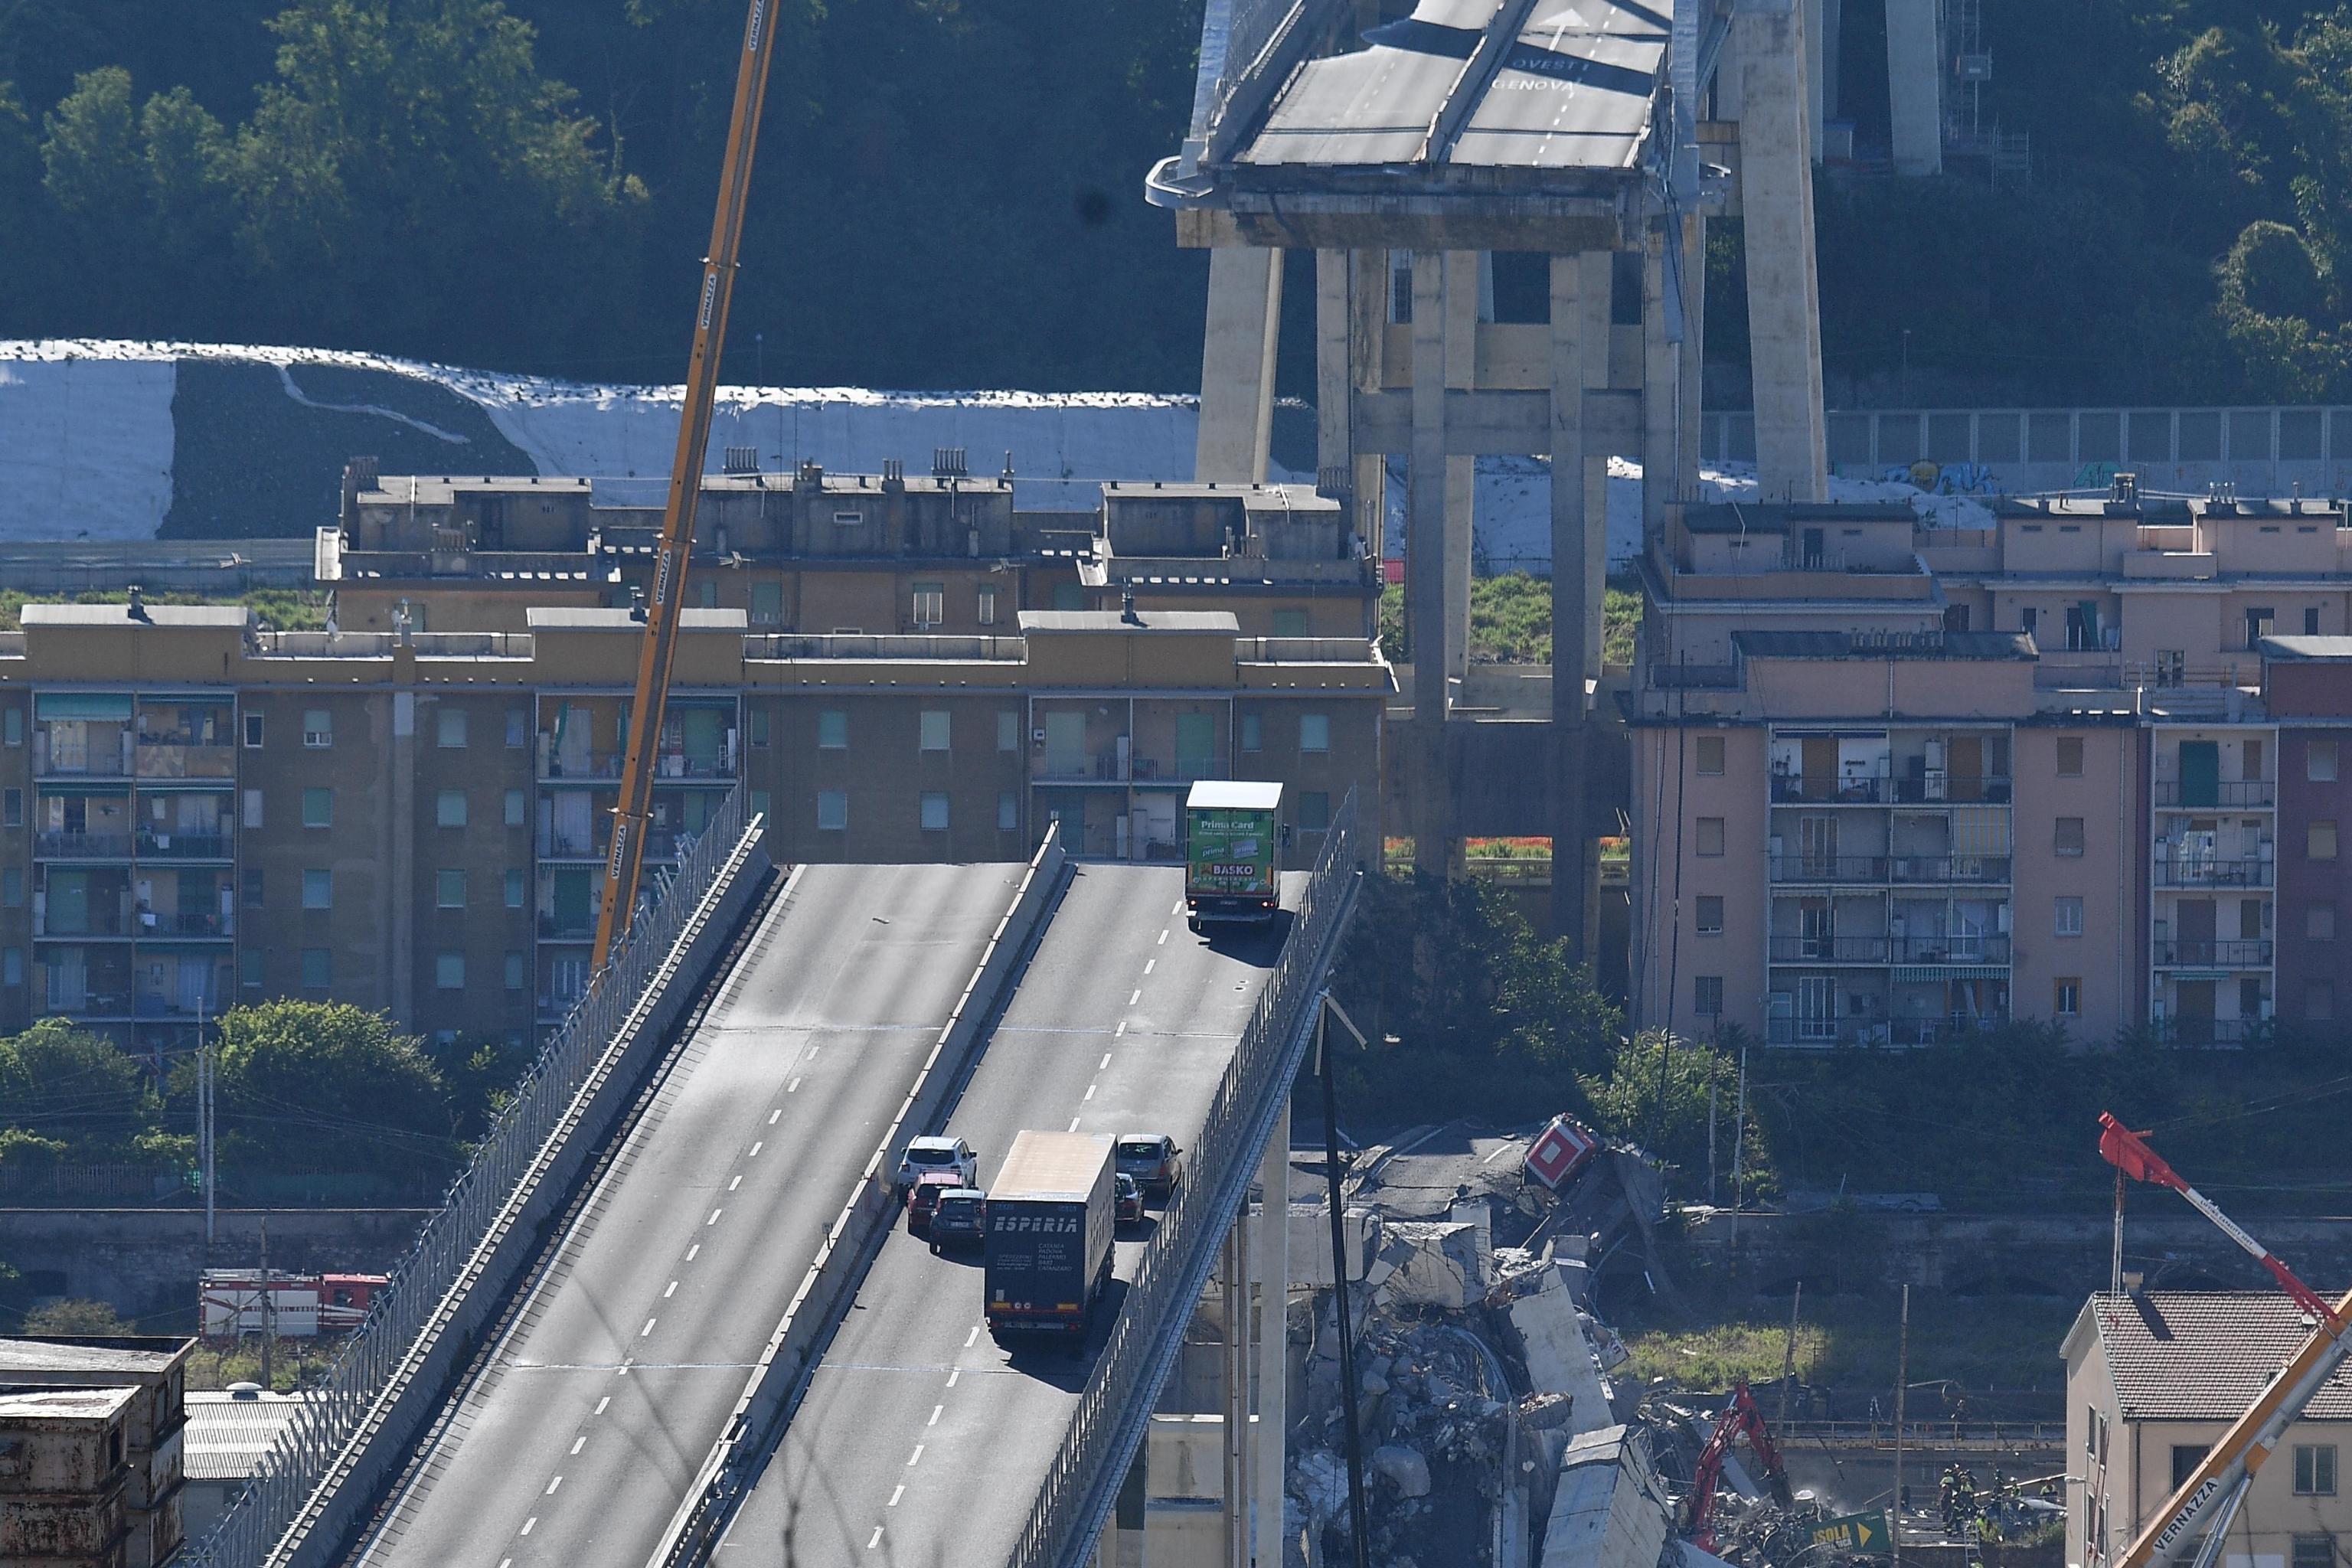 Genova: Di Maio, Salvini e Toninelli chiedono le dimissioni dei vertici di Autostrade e la revoca delle concessioni con multe da 150 mln